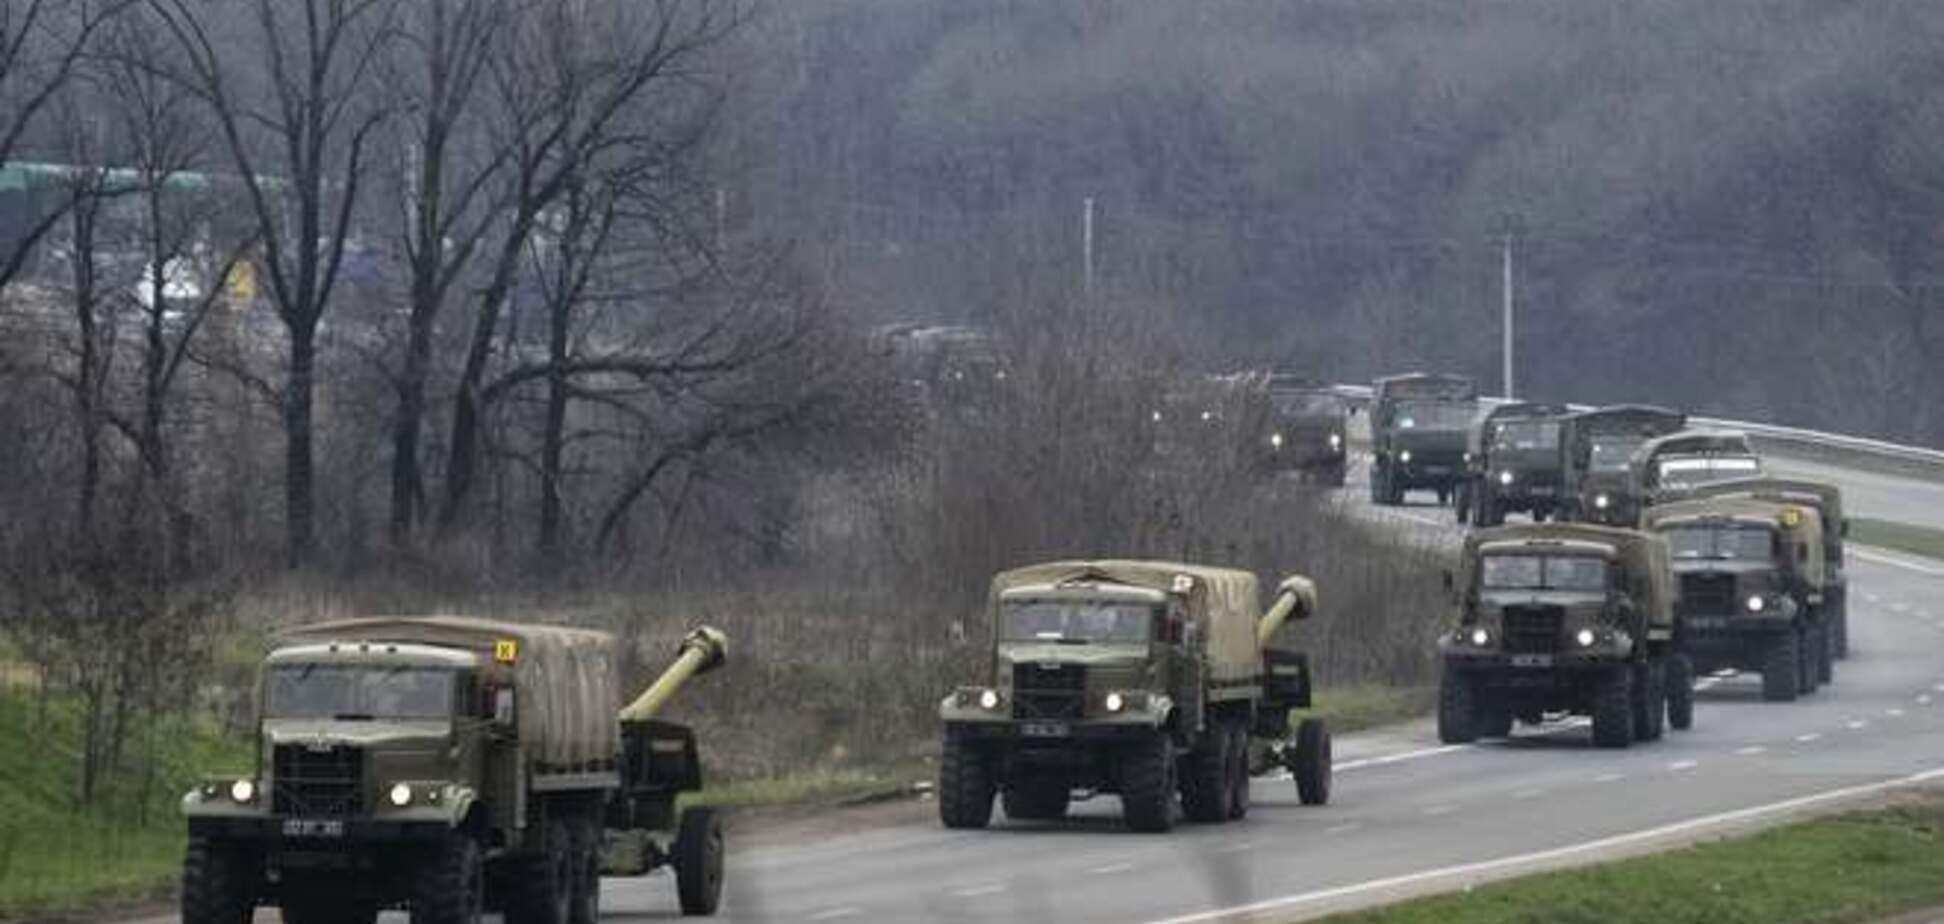 Численность российских военных в зоне АТО достигла самого высокого уровня с начала войны - СНБО